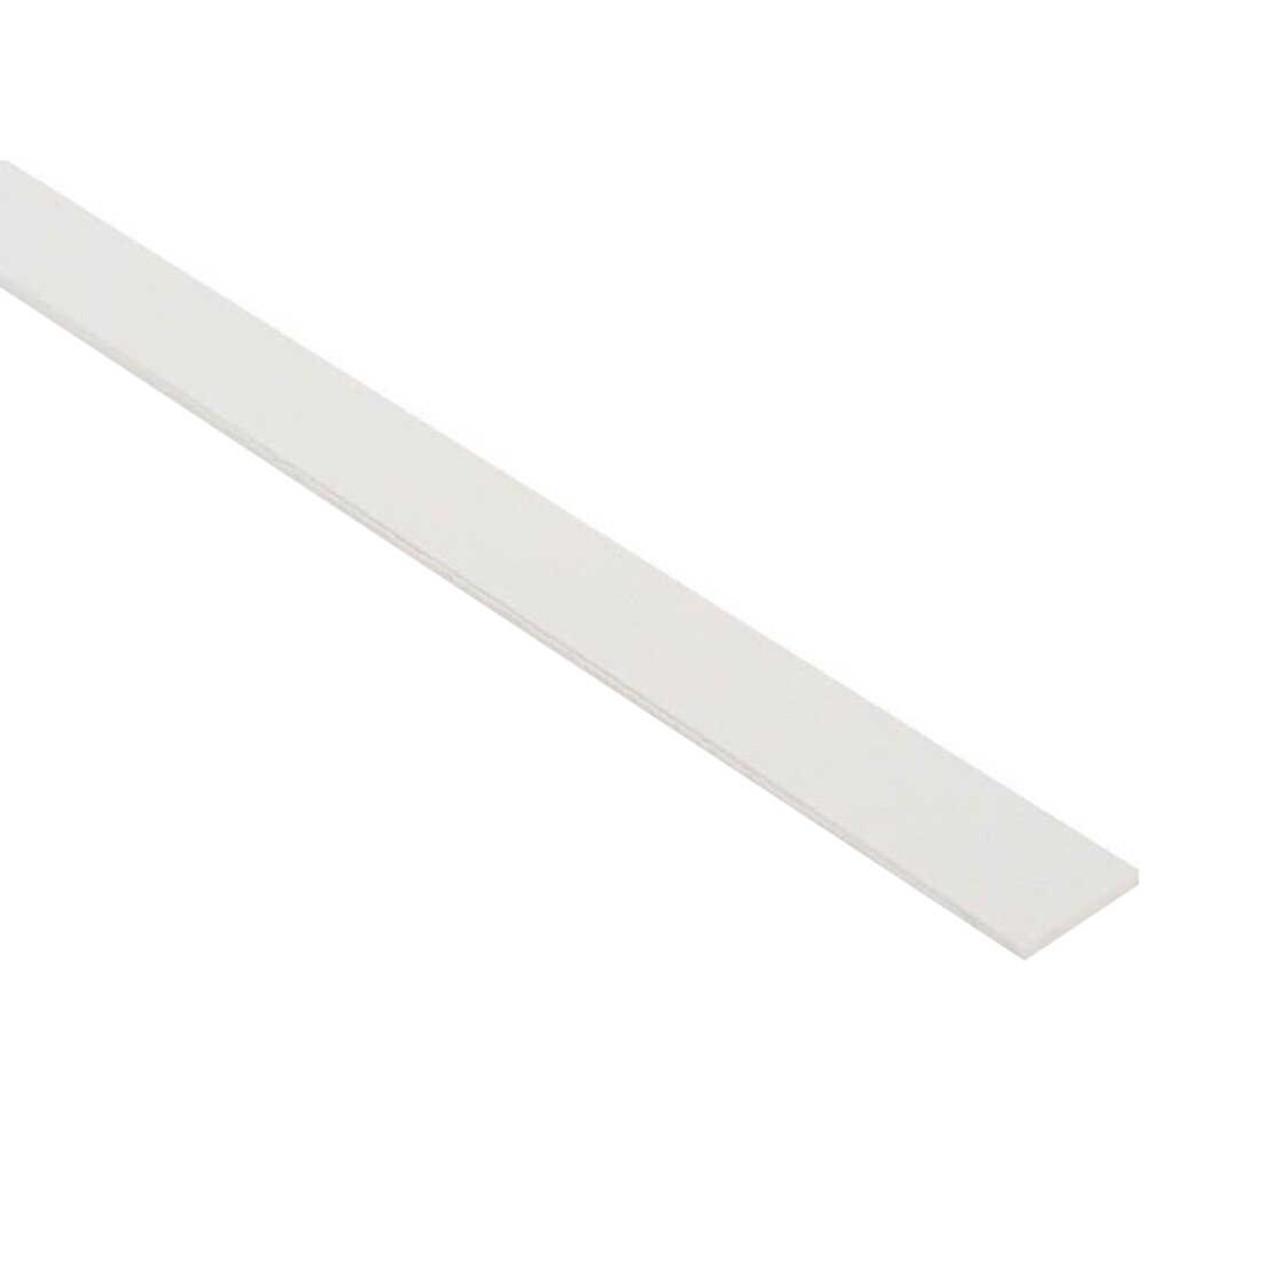 Plastic Binding - 0.5mm White